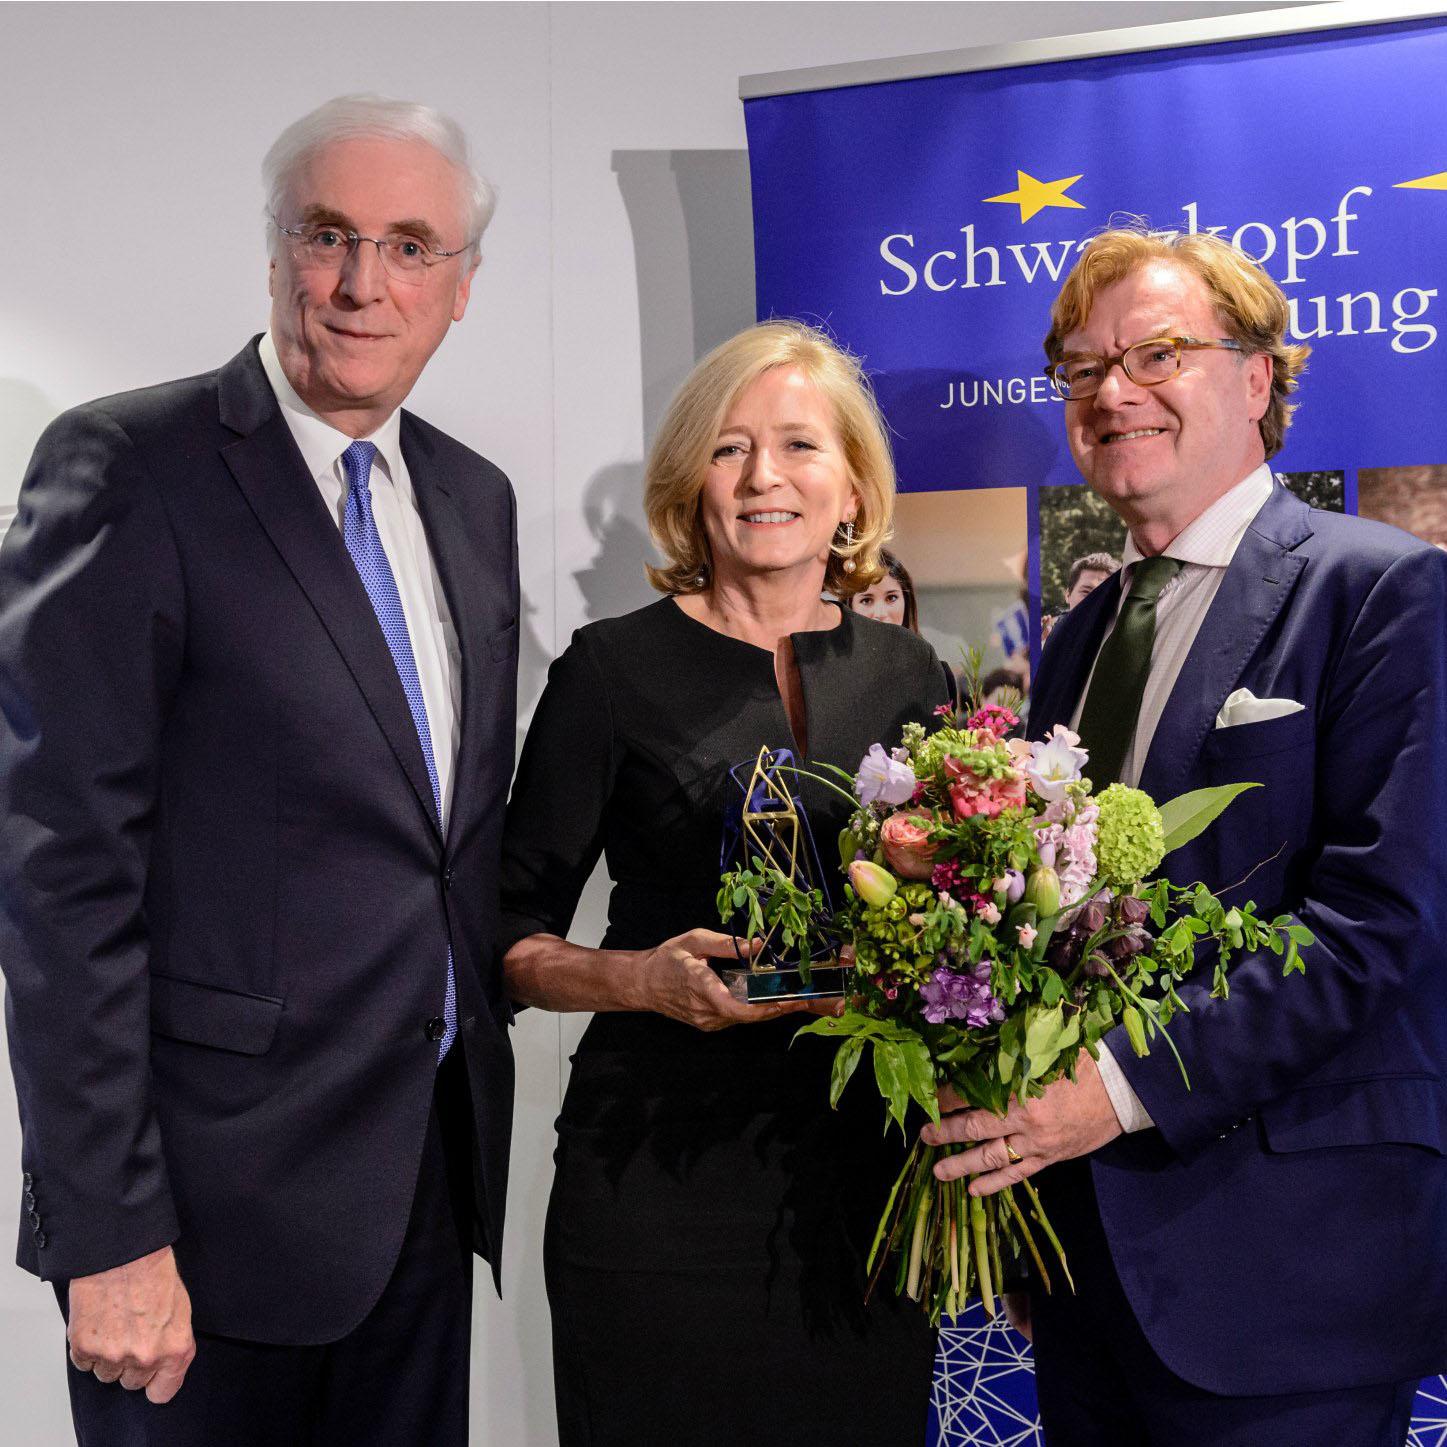 Europska ombudsmanica nakon prihvaćanja Europske nagrade Schwarzkopf 2017. Na slici je s Andréom Schmitzom-Schwarzkopfom (desno) i irskim veleposlanikom u Berlinu Michaelom Collinsom (lijevo).